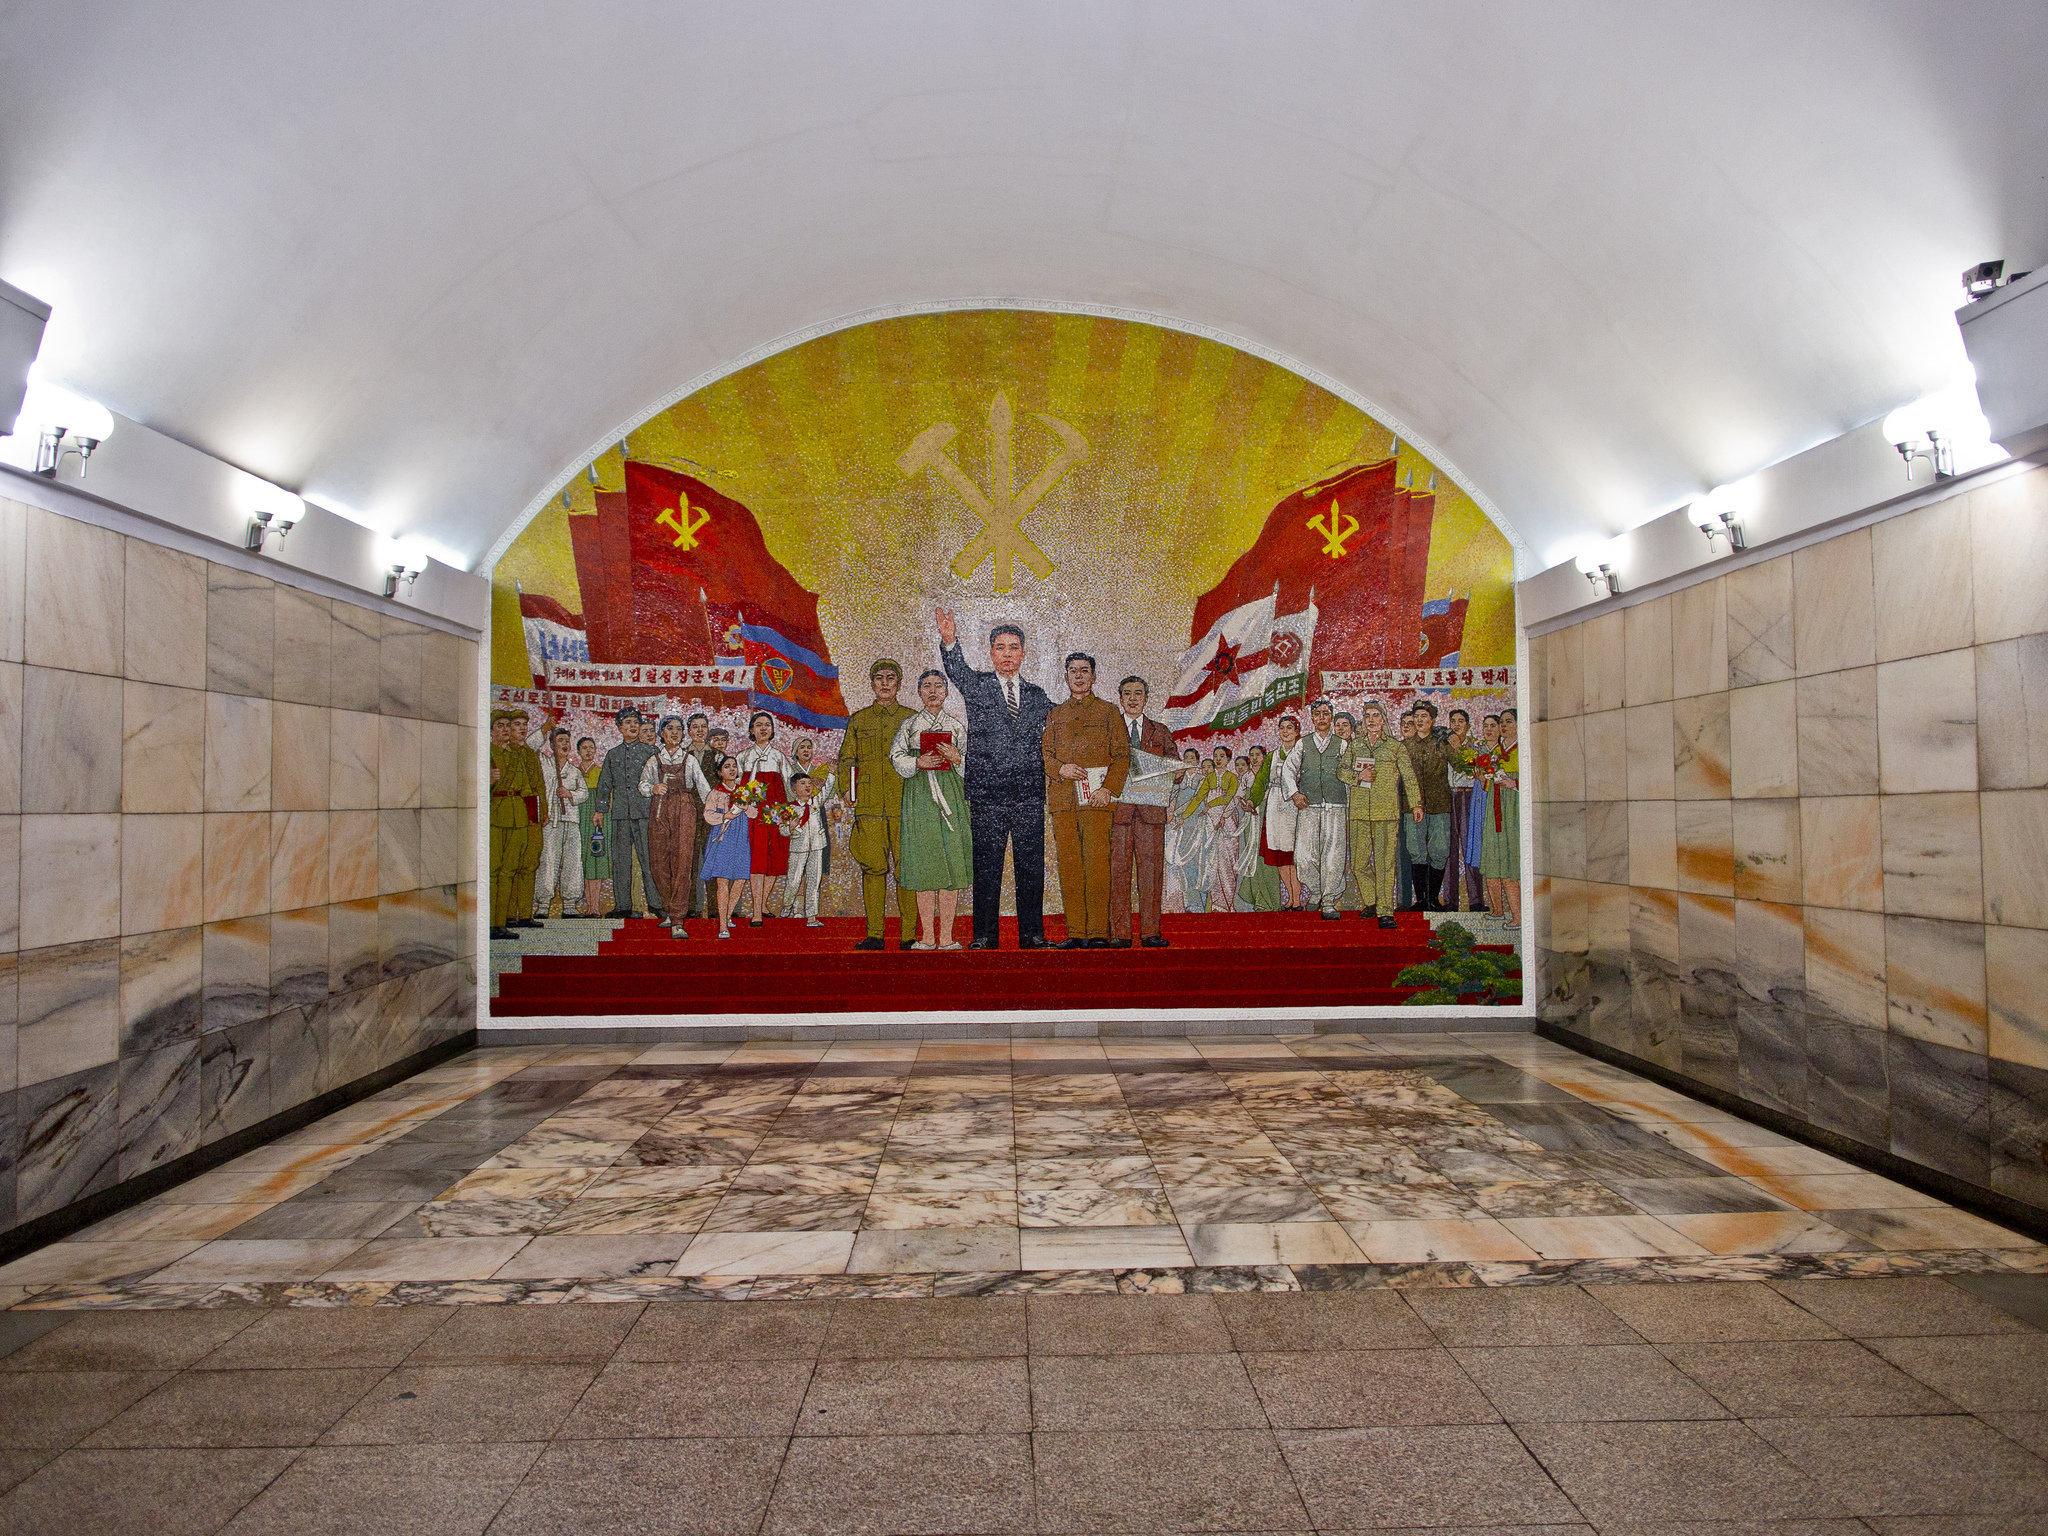 Pyongyang Metro Mosaic Mural